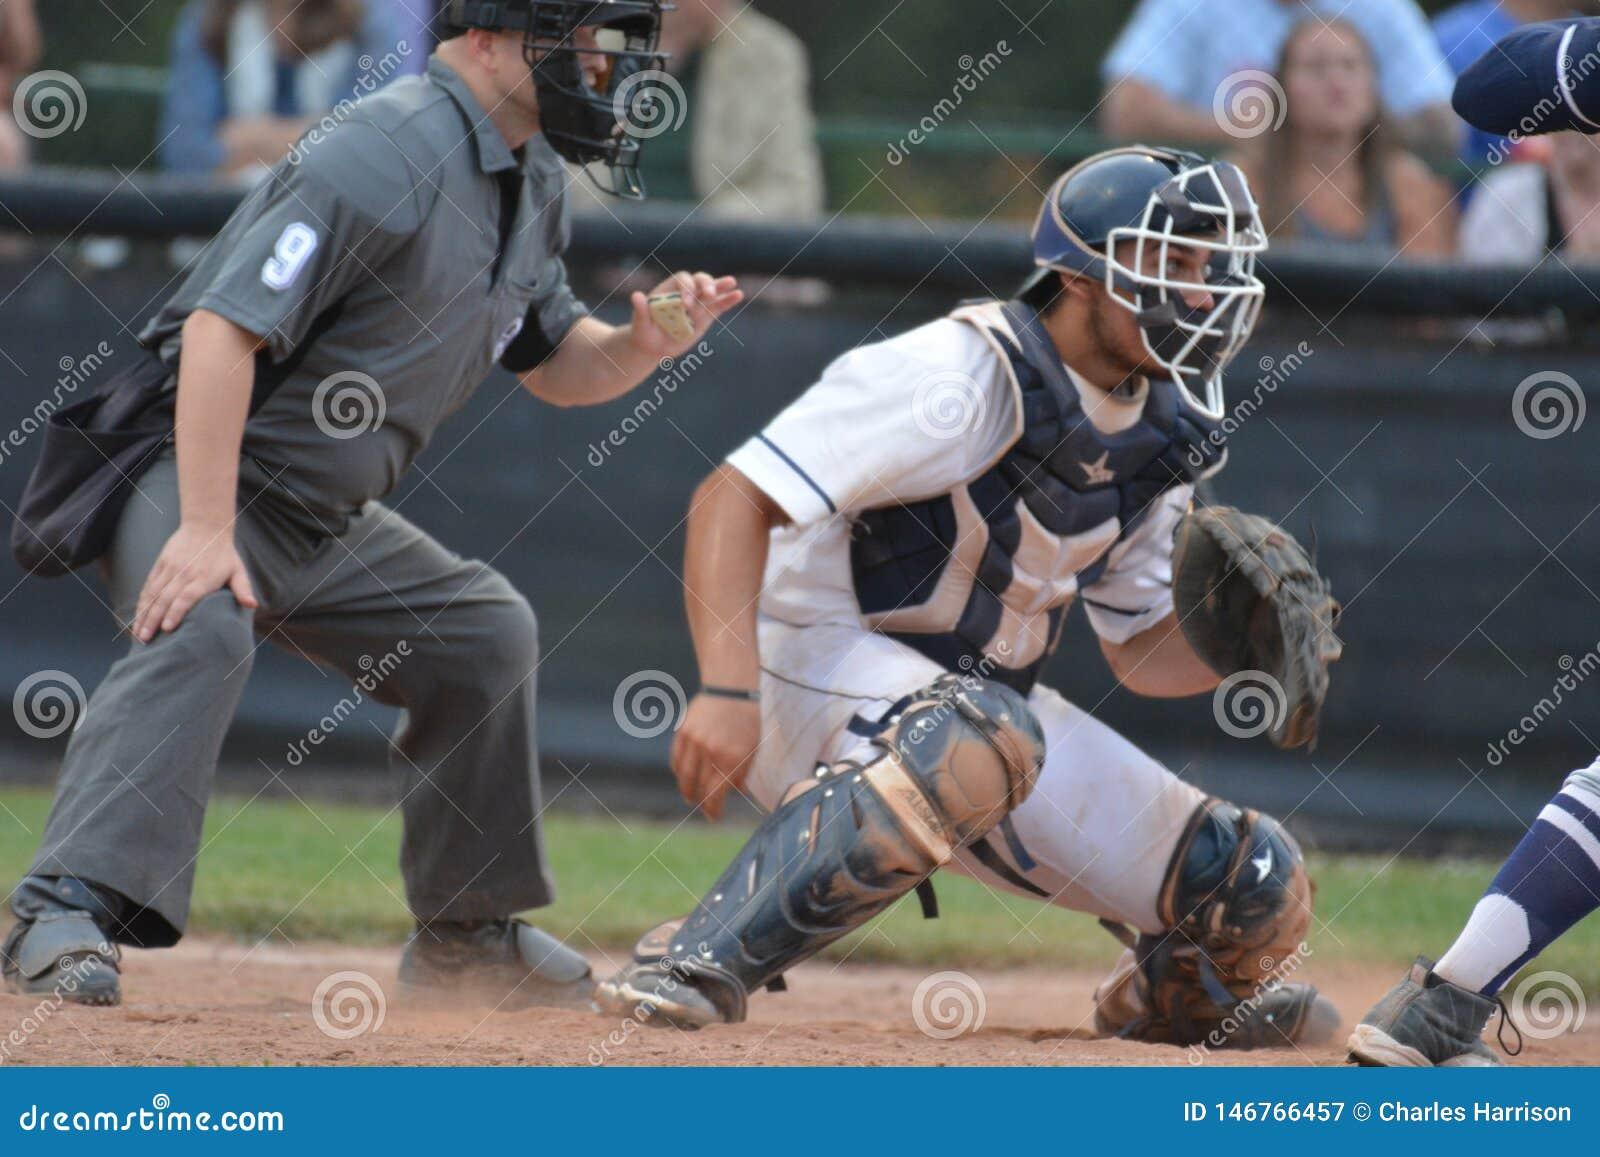 Foto de la acci?n del juego de b?isbol de la liga de b?isbol de Intercounty